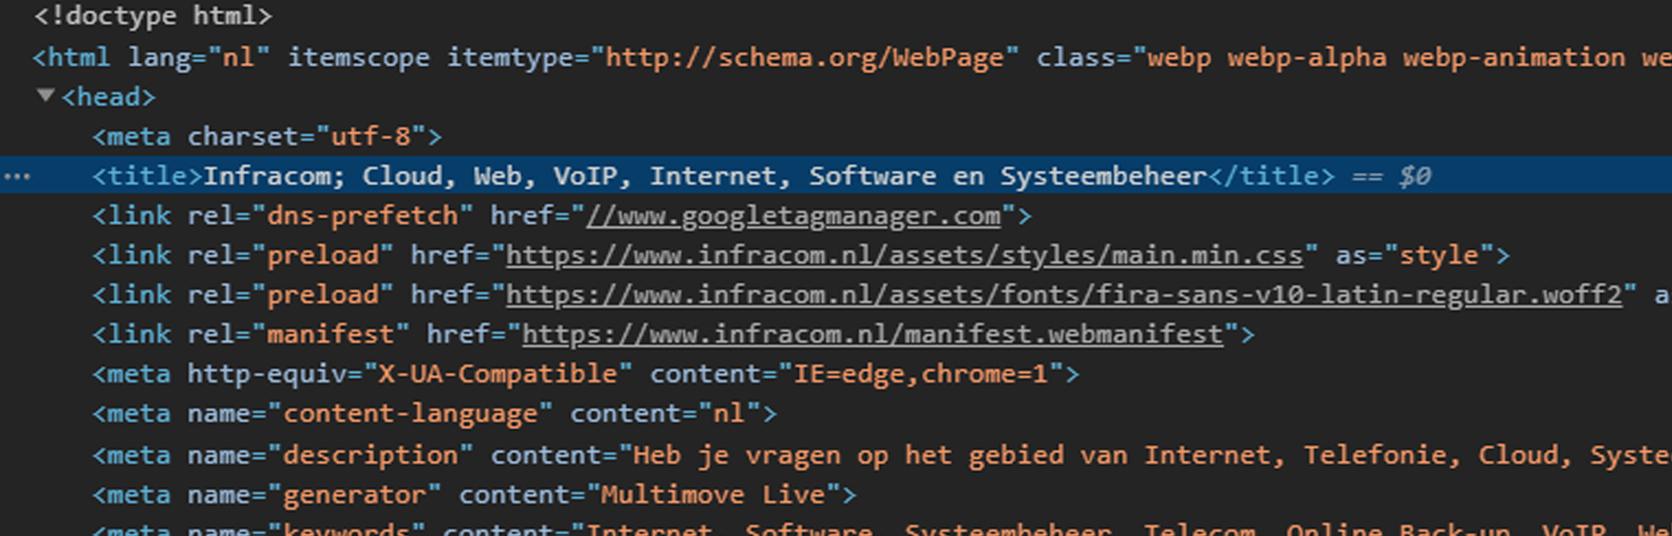 metatitle.jpg